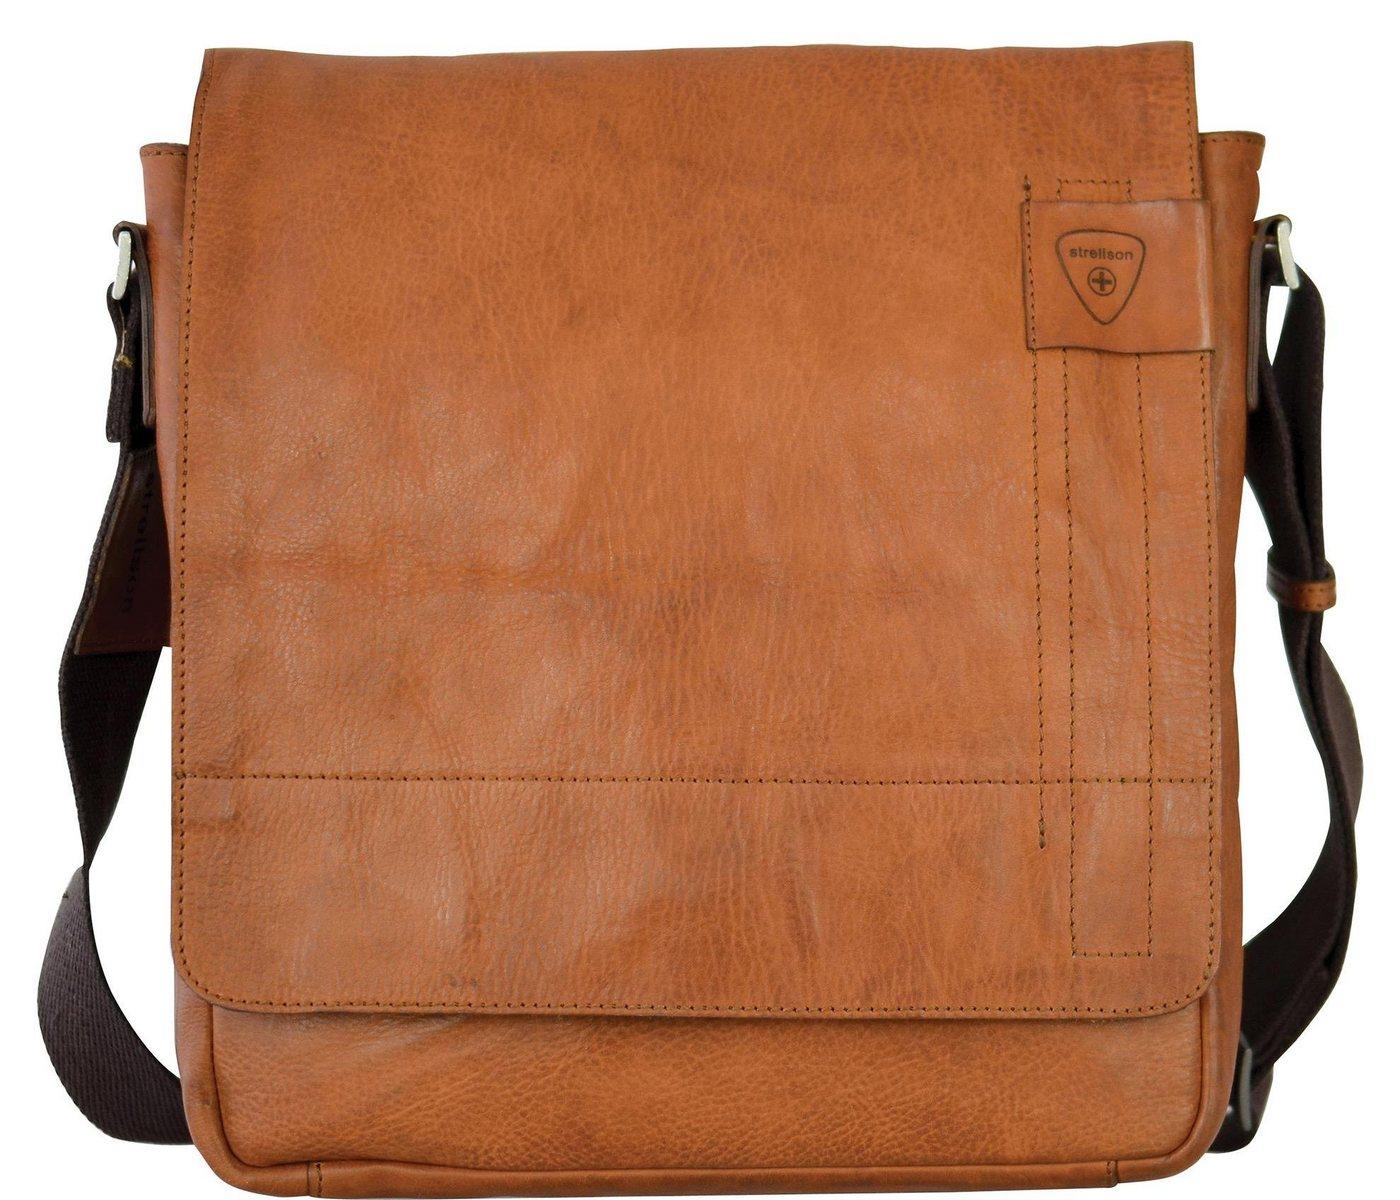 Strellson Messenger Bag »Upminster«, aus Leder mit verstellbarem Umhängeriemen | Taschen > Business Taschen | Braun | Leder | Strellson